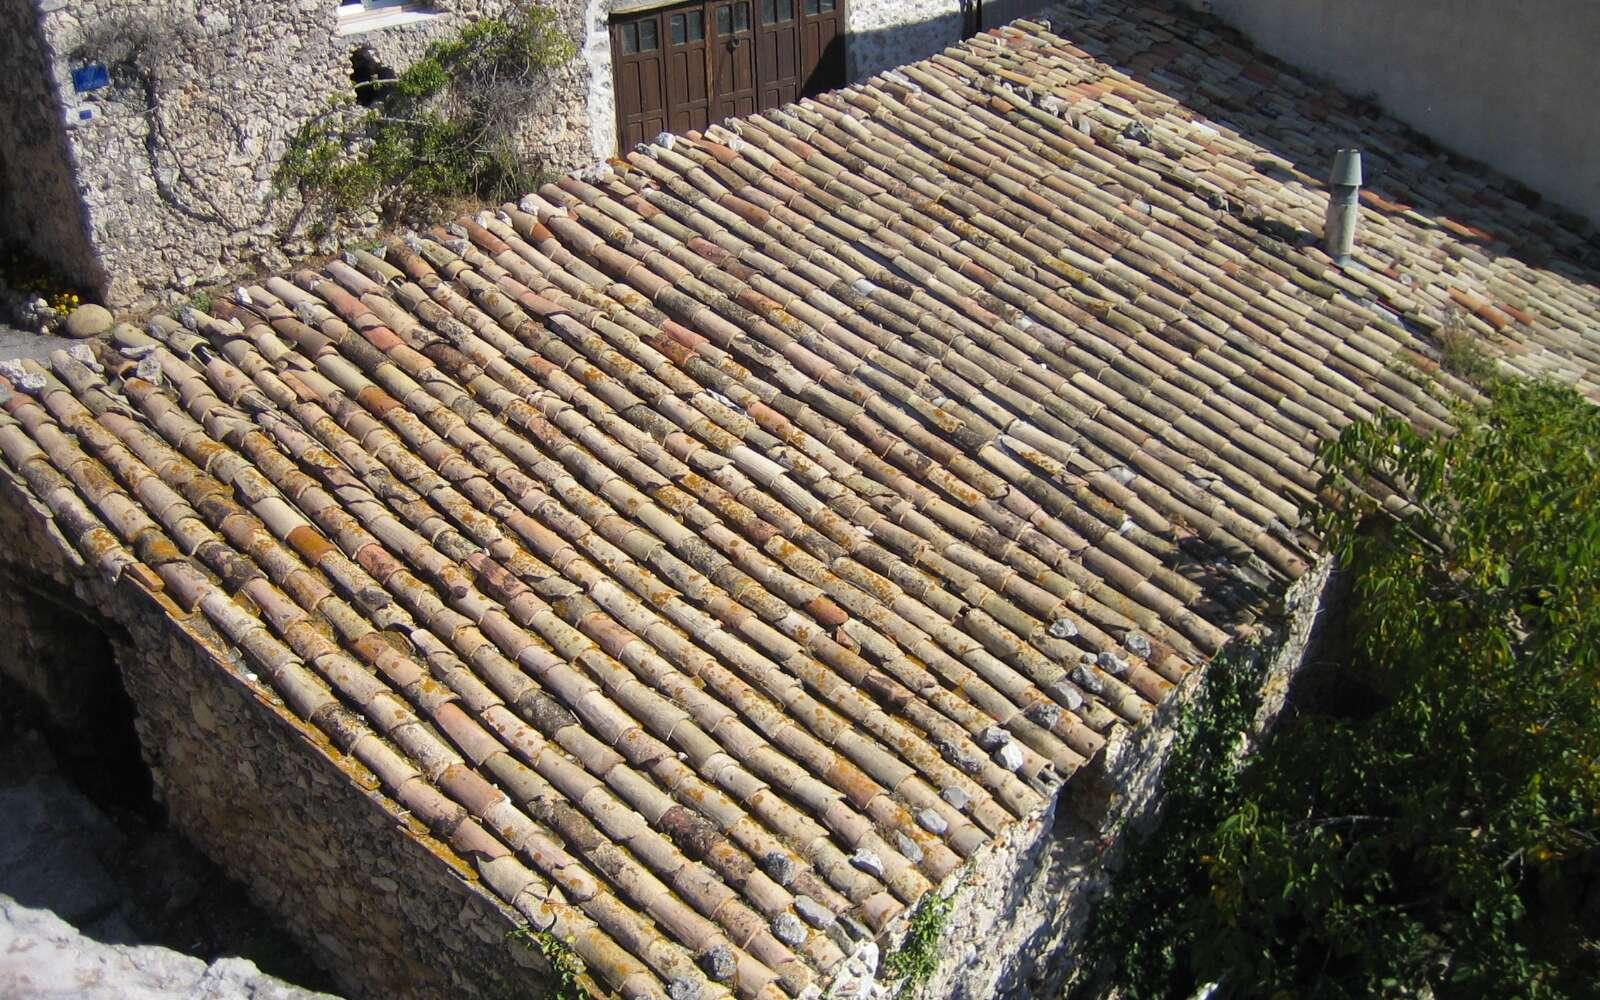 La tuile sert à recouvrir un toit pour le protéger des intempéries. © N.C, Domaine public, Wikimedia Commons